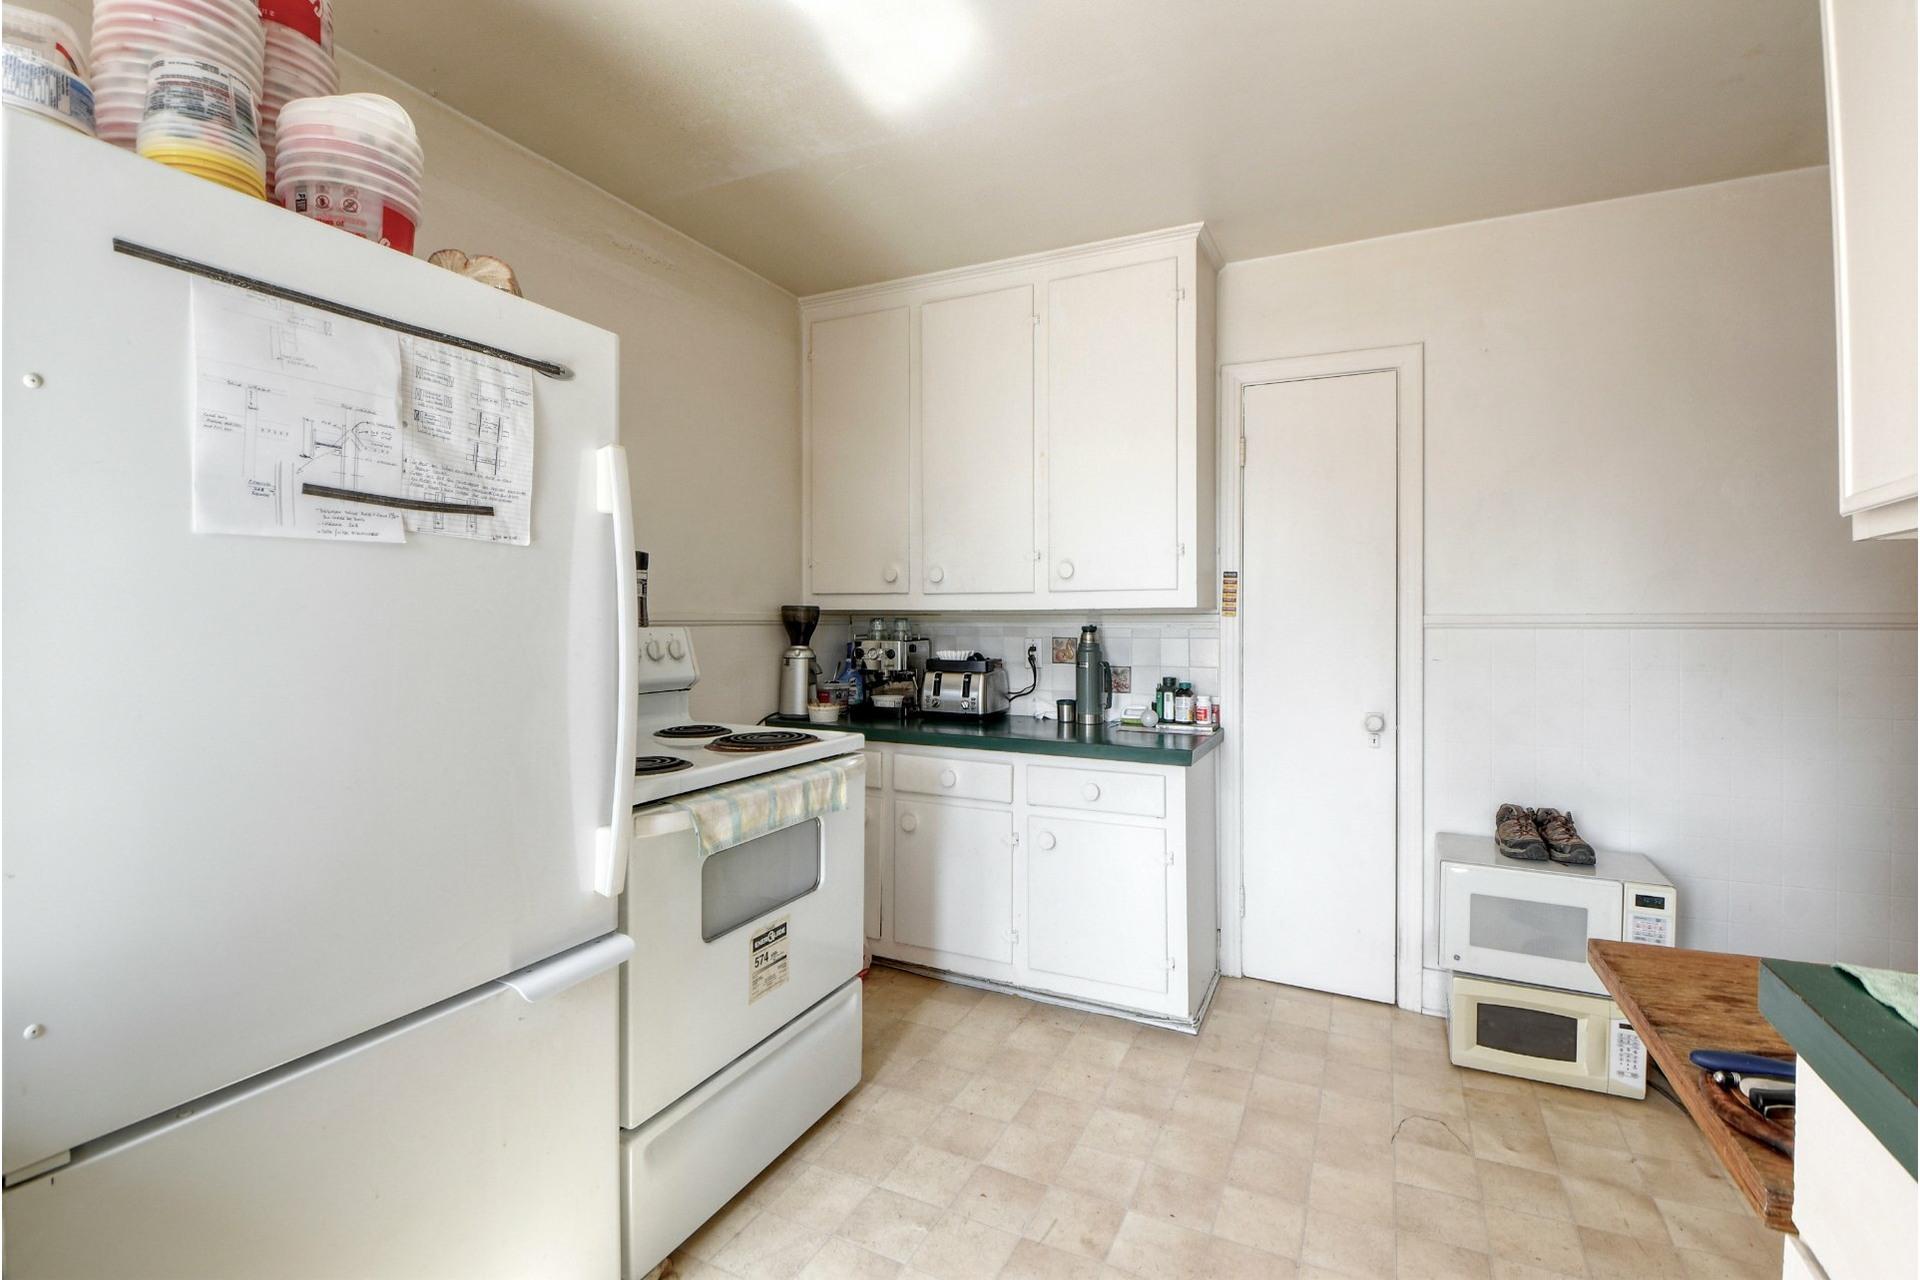 image 26 - Quintuplex For sale Mercier/Hochelaga-Maisonneuve Montréal  - 6 rooms